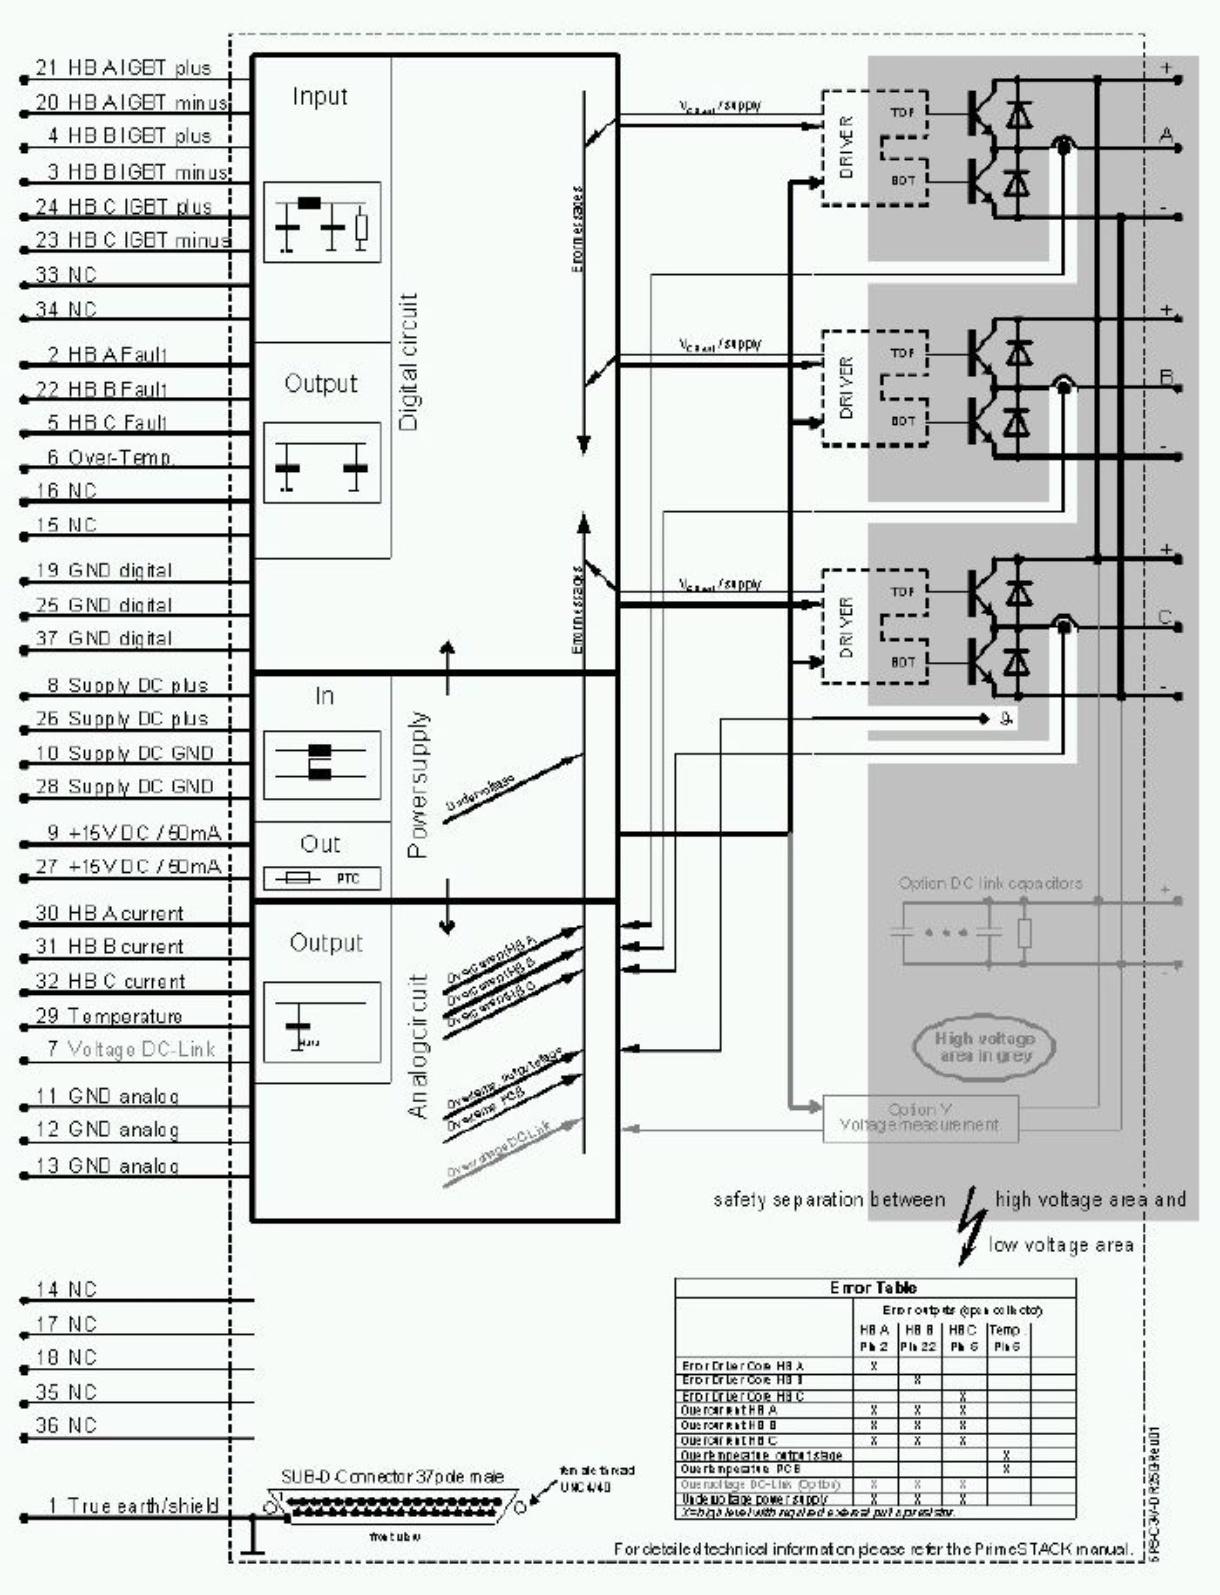 6ps04512e43g37986 Infineon Technologies Igbt Ups Circuit Diagram Diagrams Prevnext